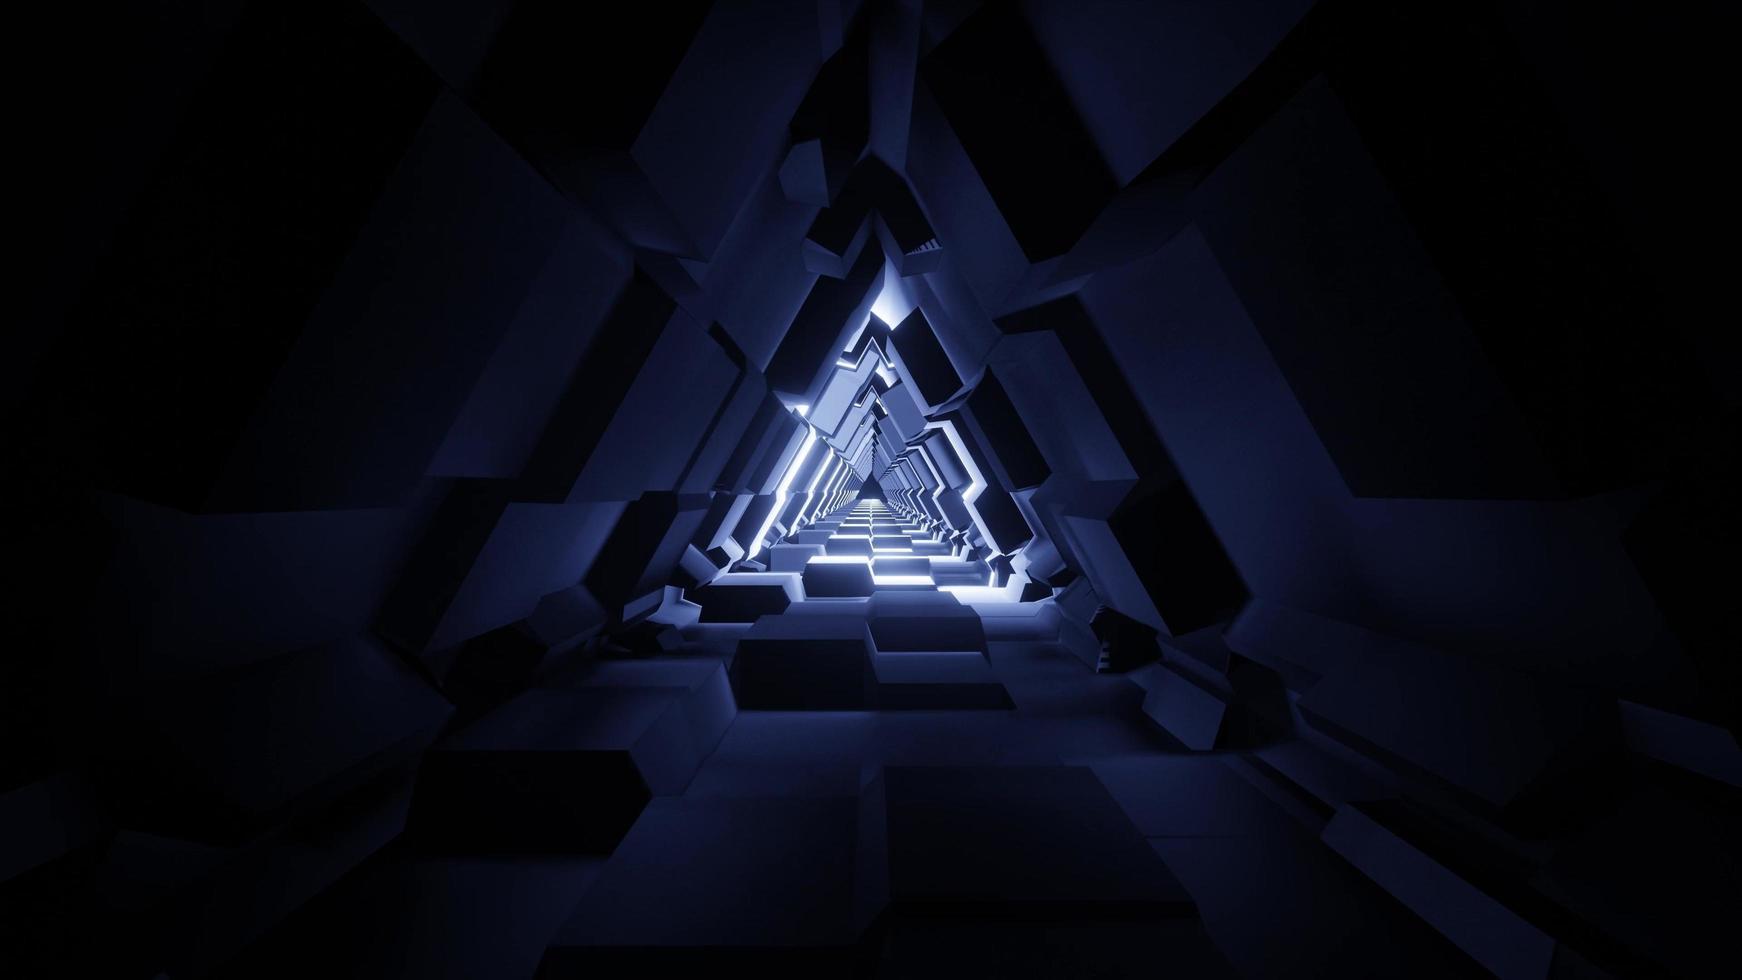 ein futuristischer Dreieckraumtunnel der 3D-Illustration foto